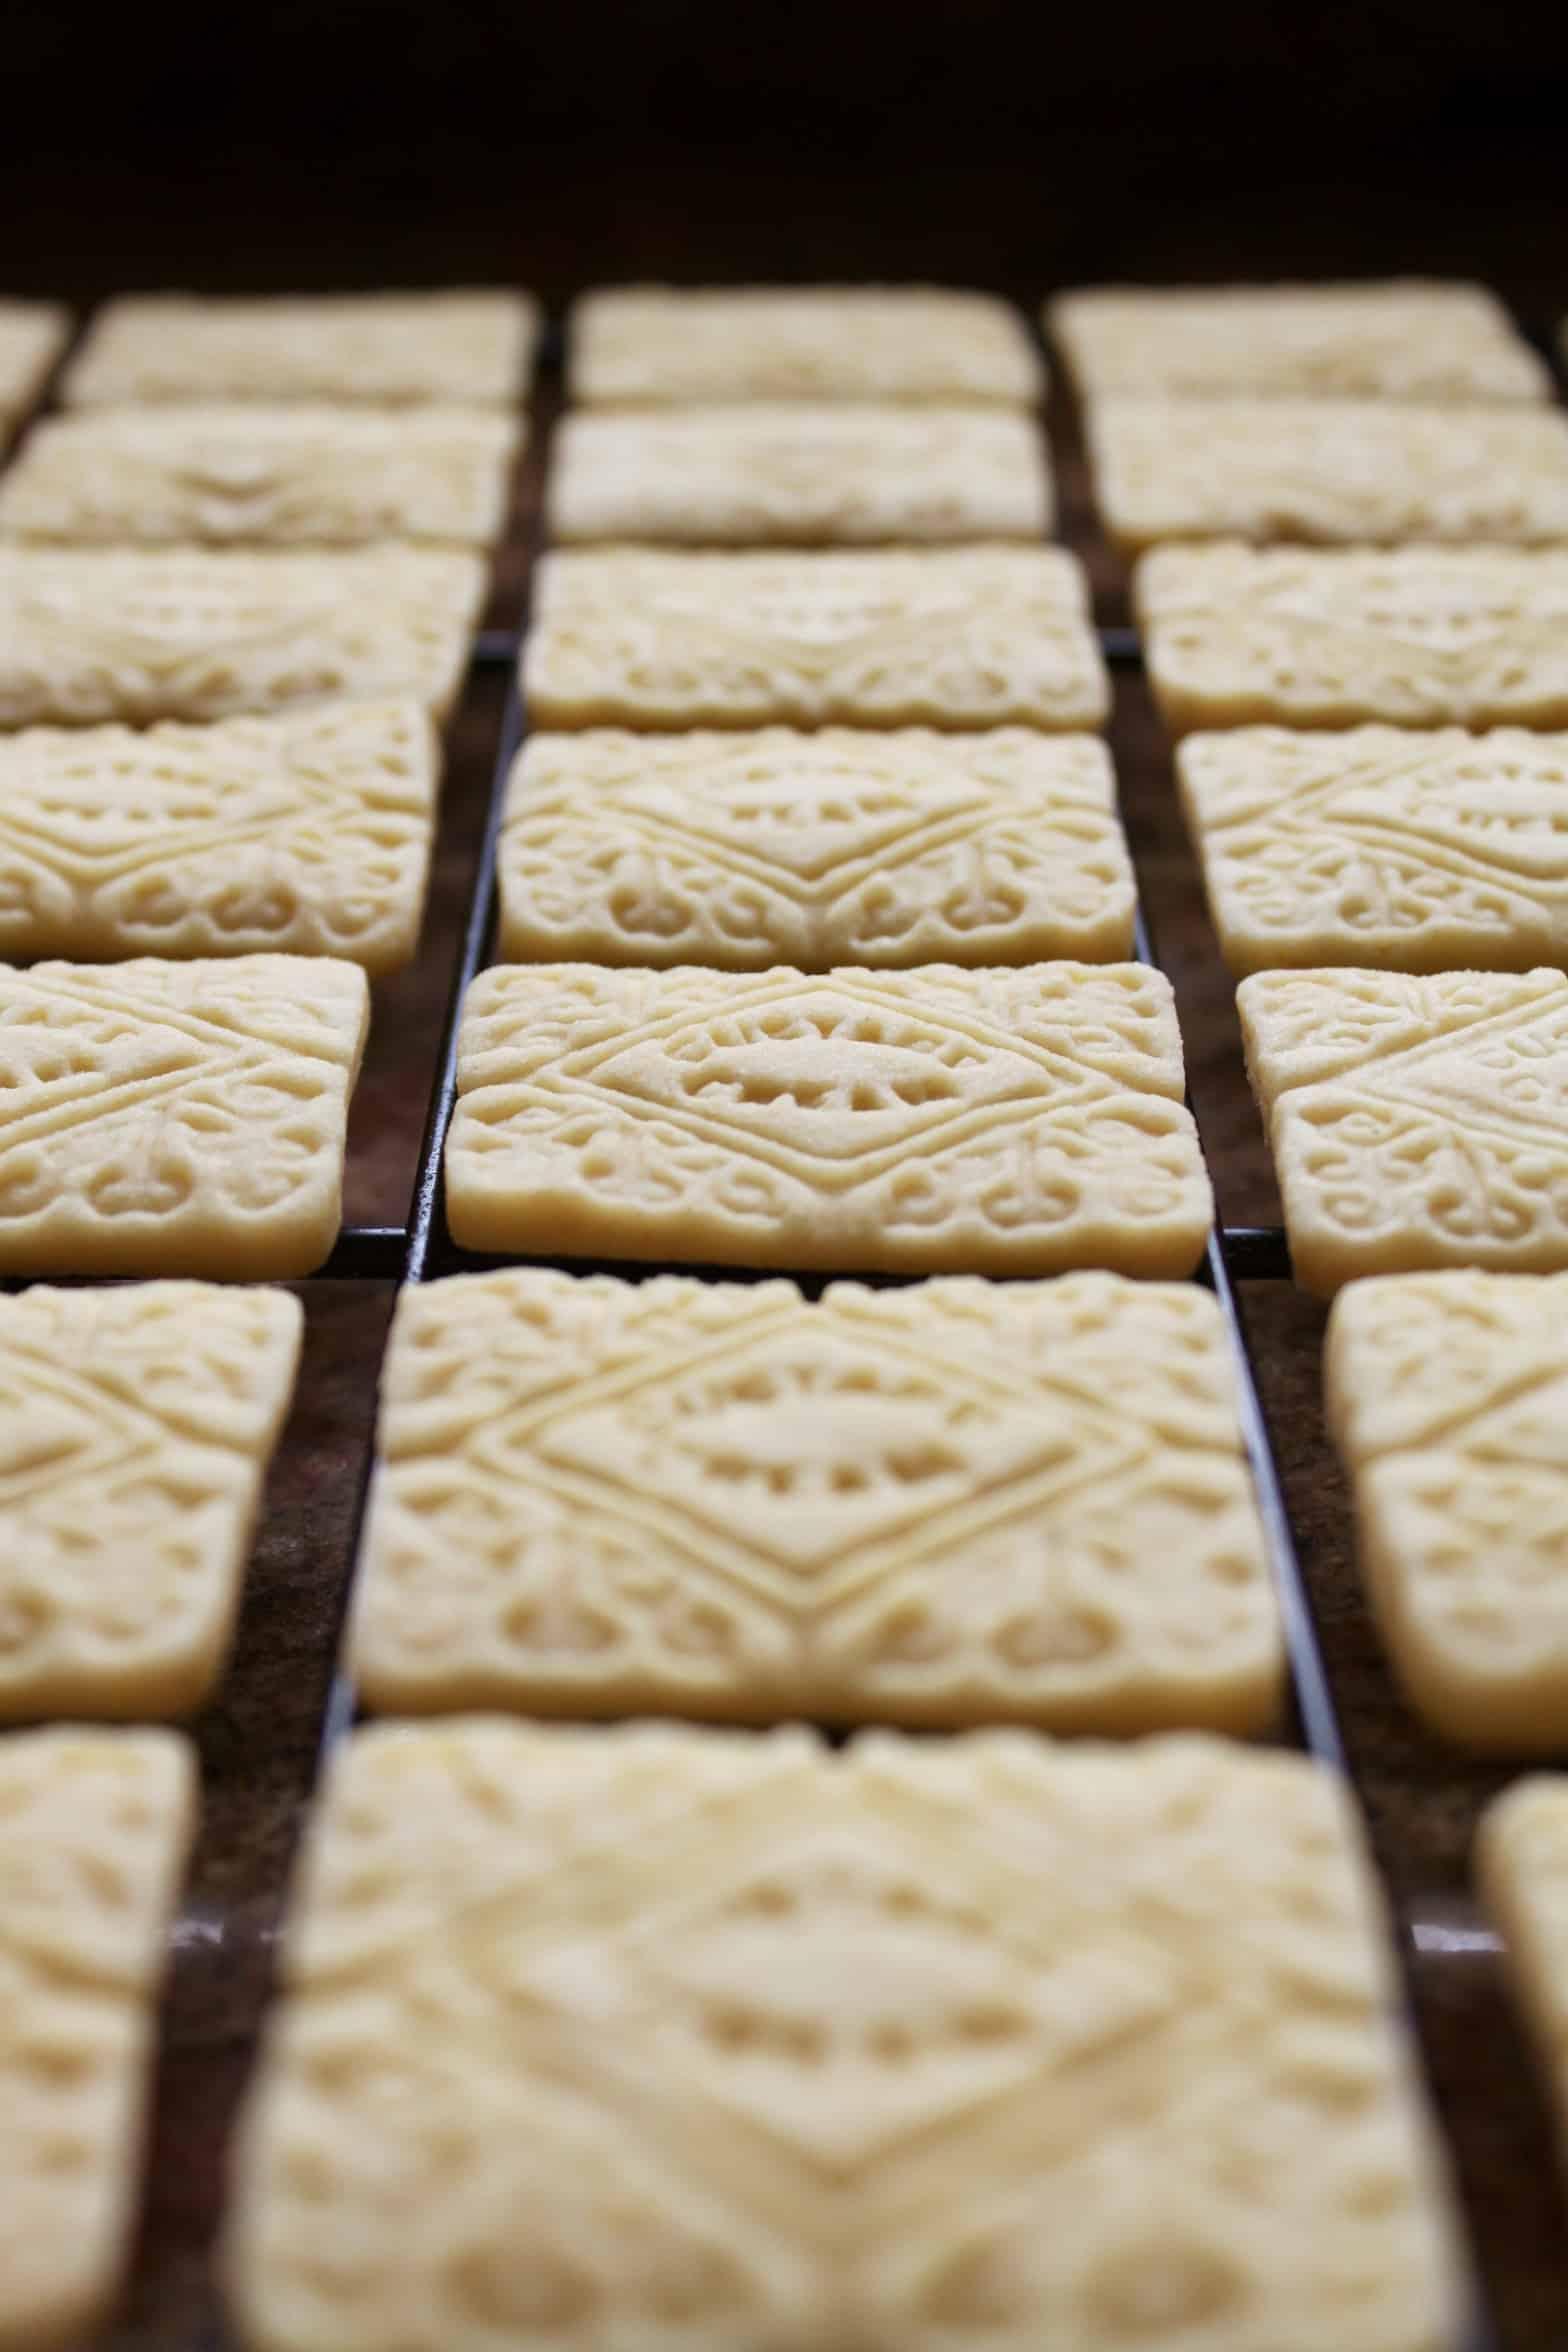 rows of custard creams